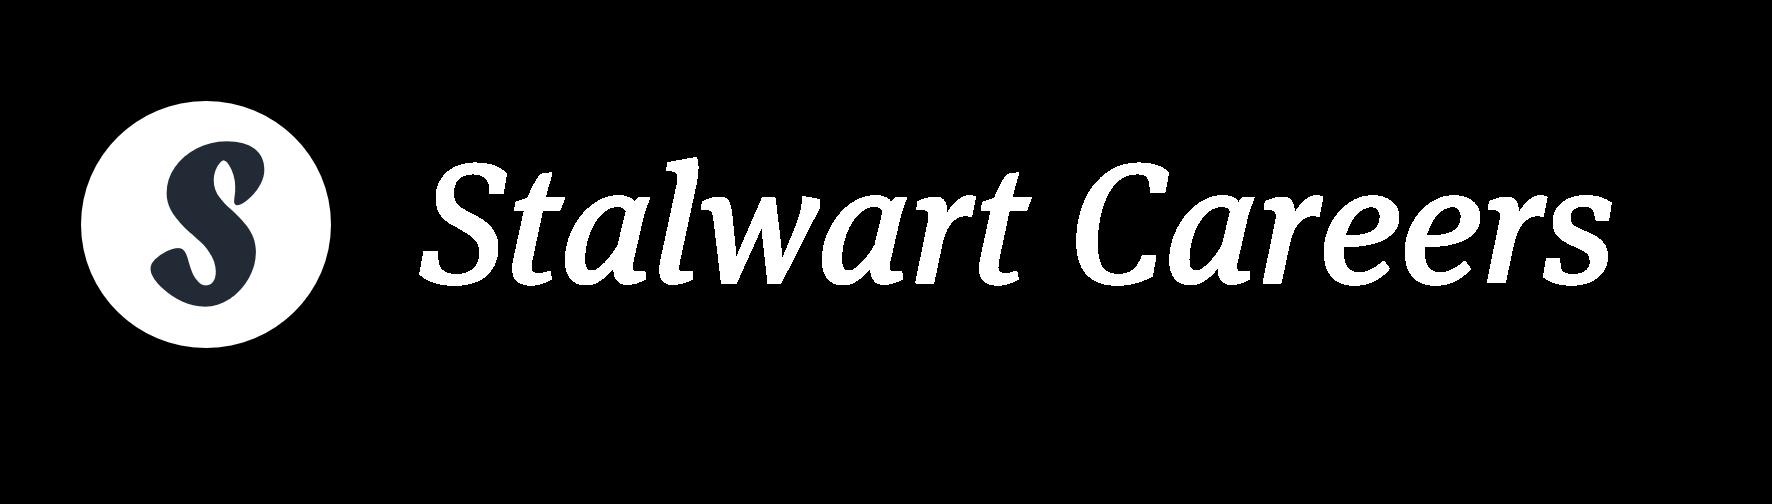 Stalwart Careers